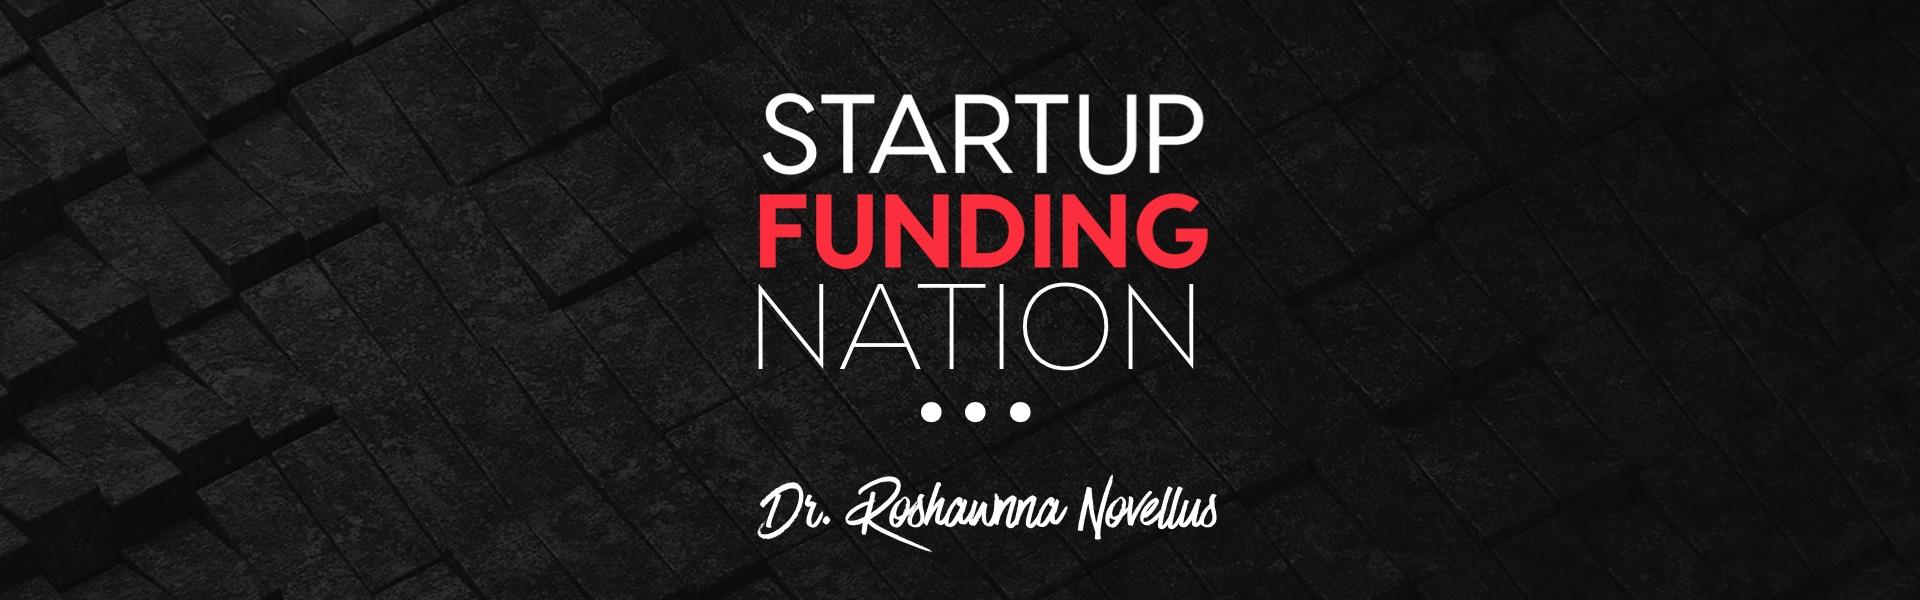 Startup Funding Nation.jpg